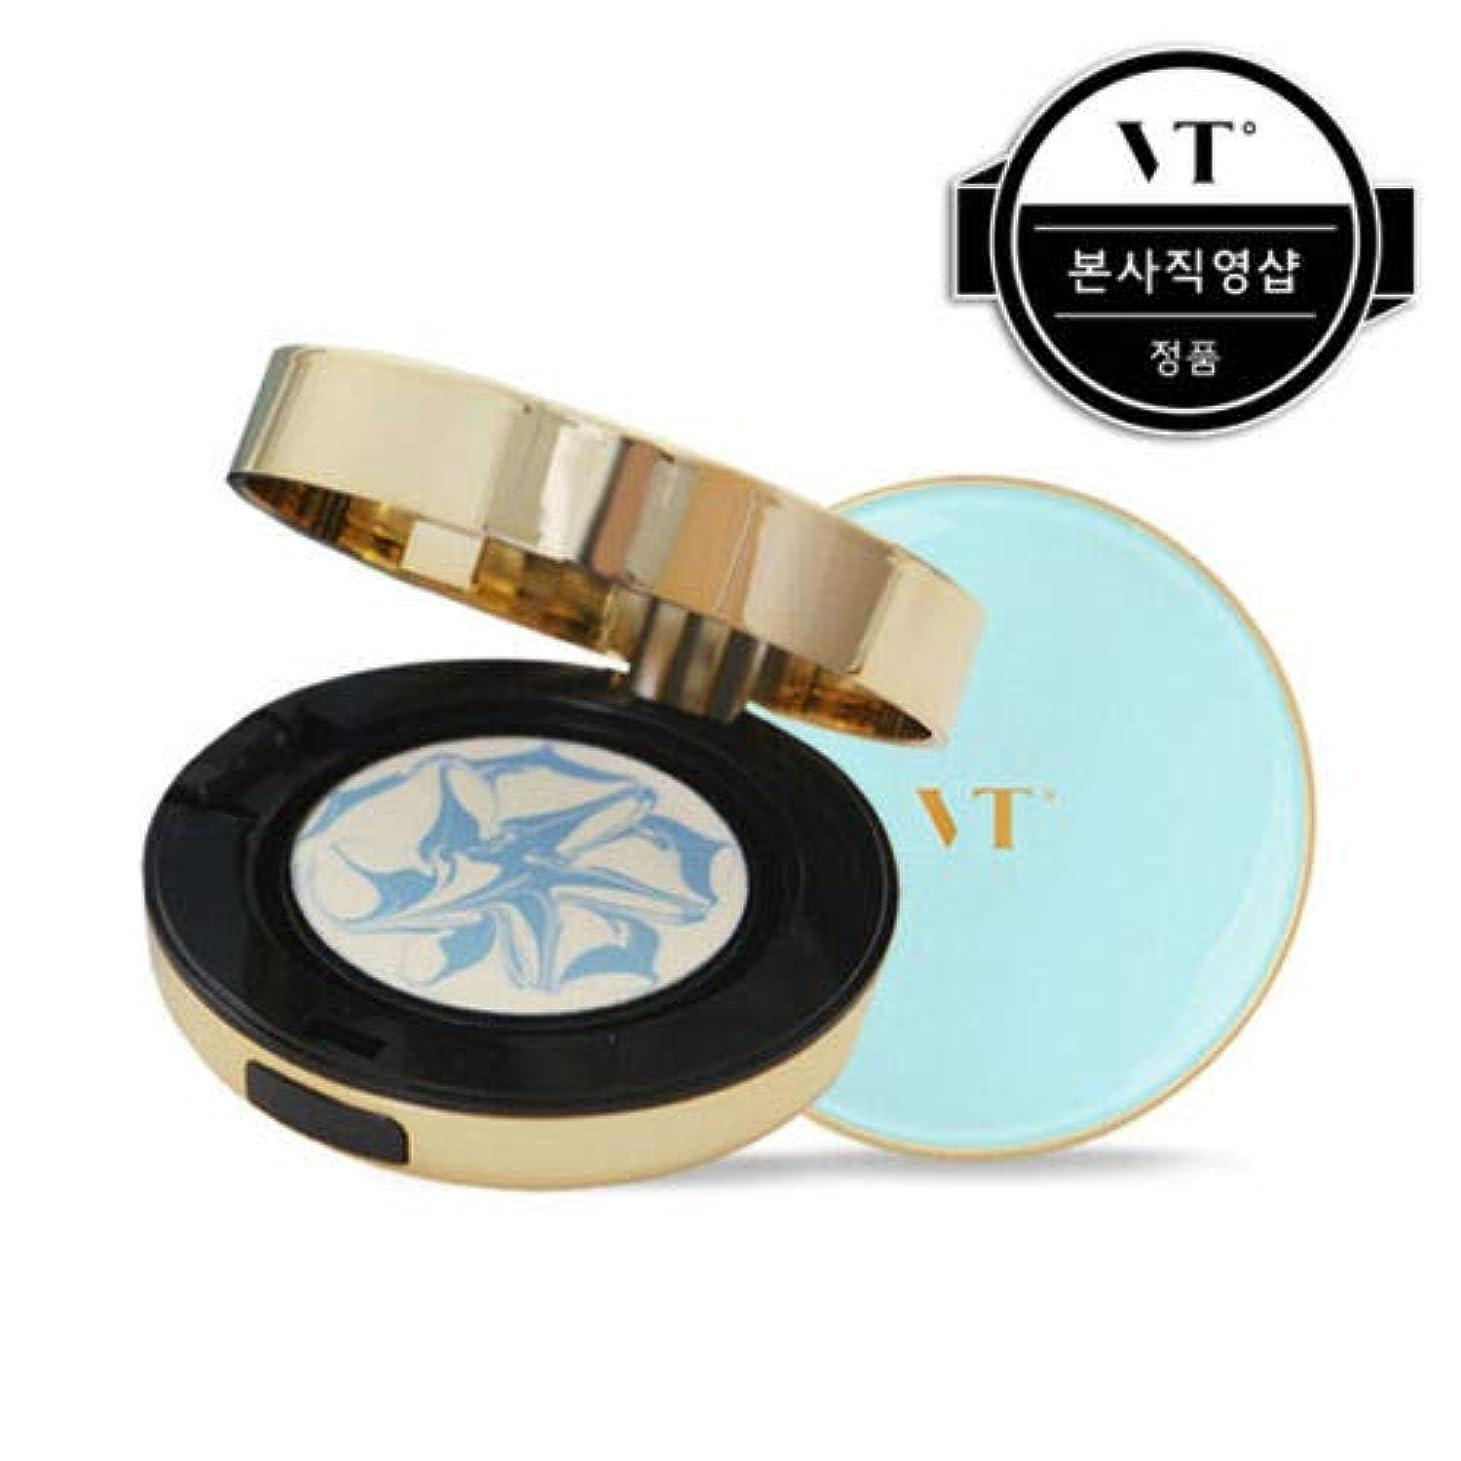 咽頭馬鹿財団VT Cosmetic Essence Sun Pact エッセンス サン パクト 本品11g + リフィール 11g, SPF50+/PA+++